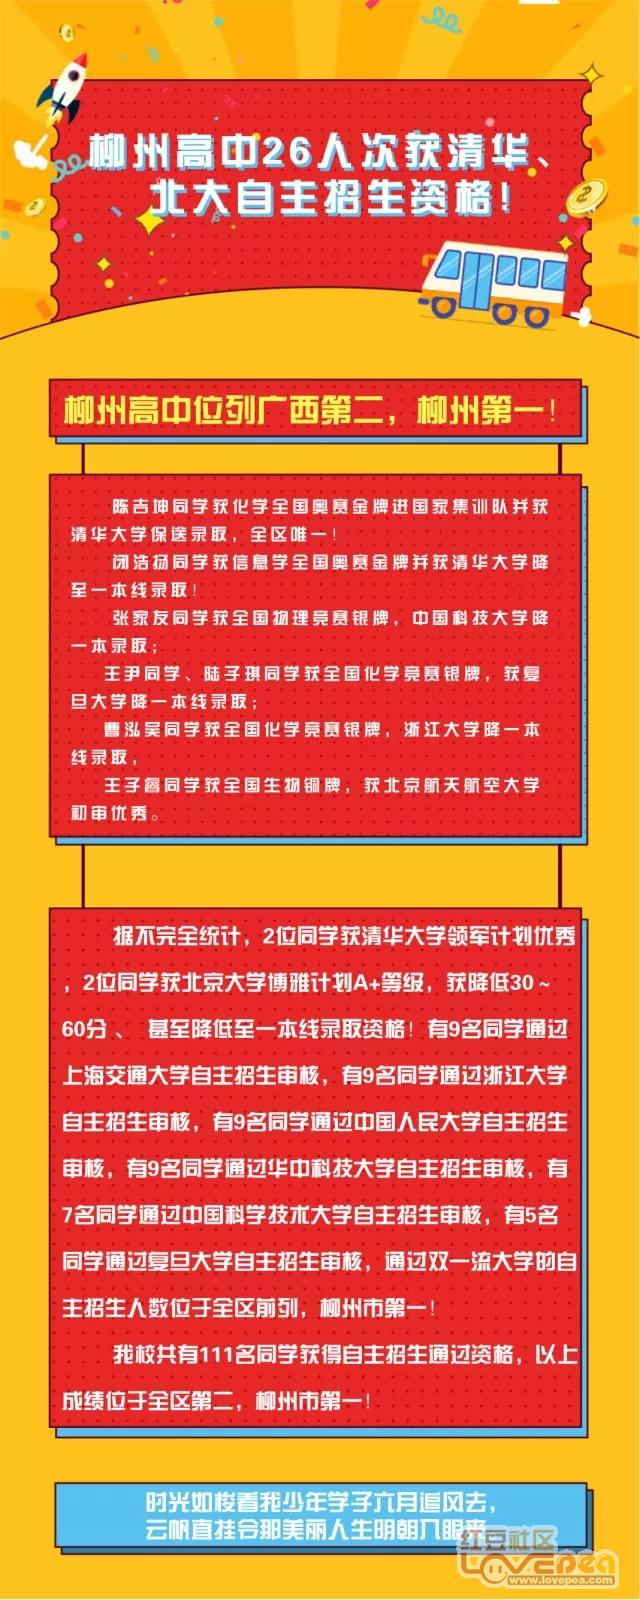 ■清华名单2018年自主招生初审高中公布柳州白石北大日山图片